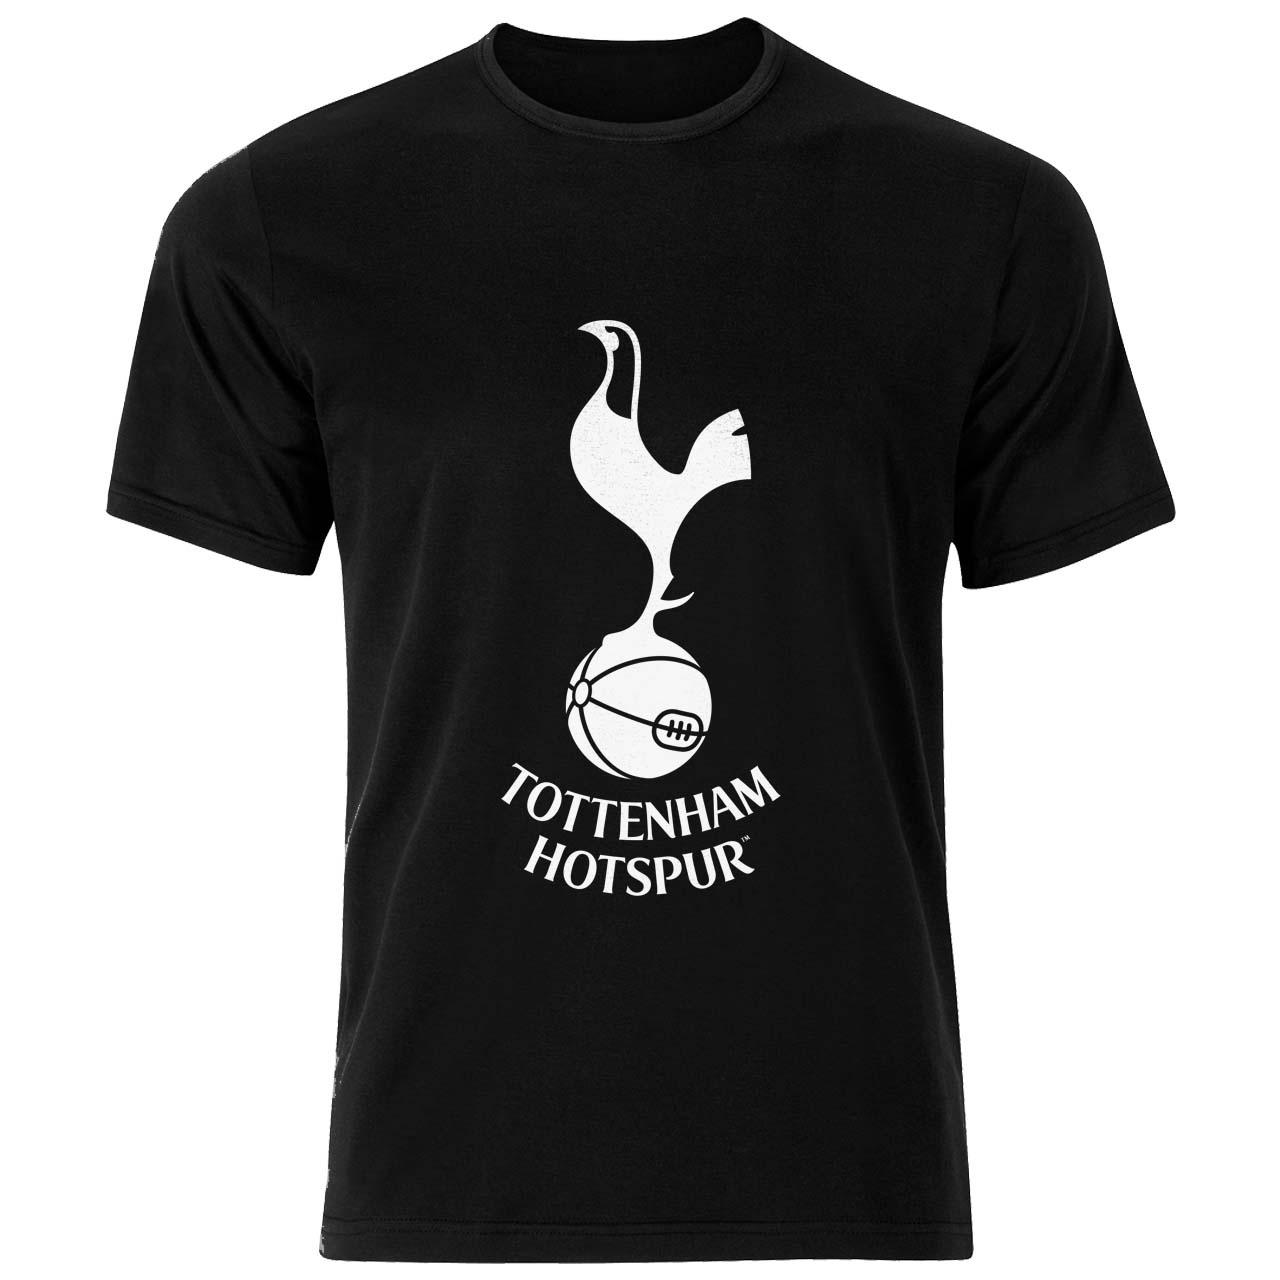 تی شرت ورزشی نخی مردانه فلوریزا طرح تاتنهام هاتسپر کد Tottenham Clubs Logo 001M تیشرت